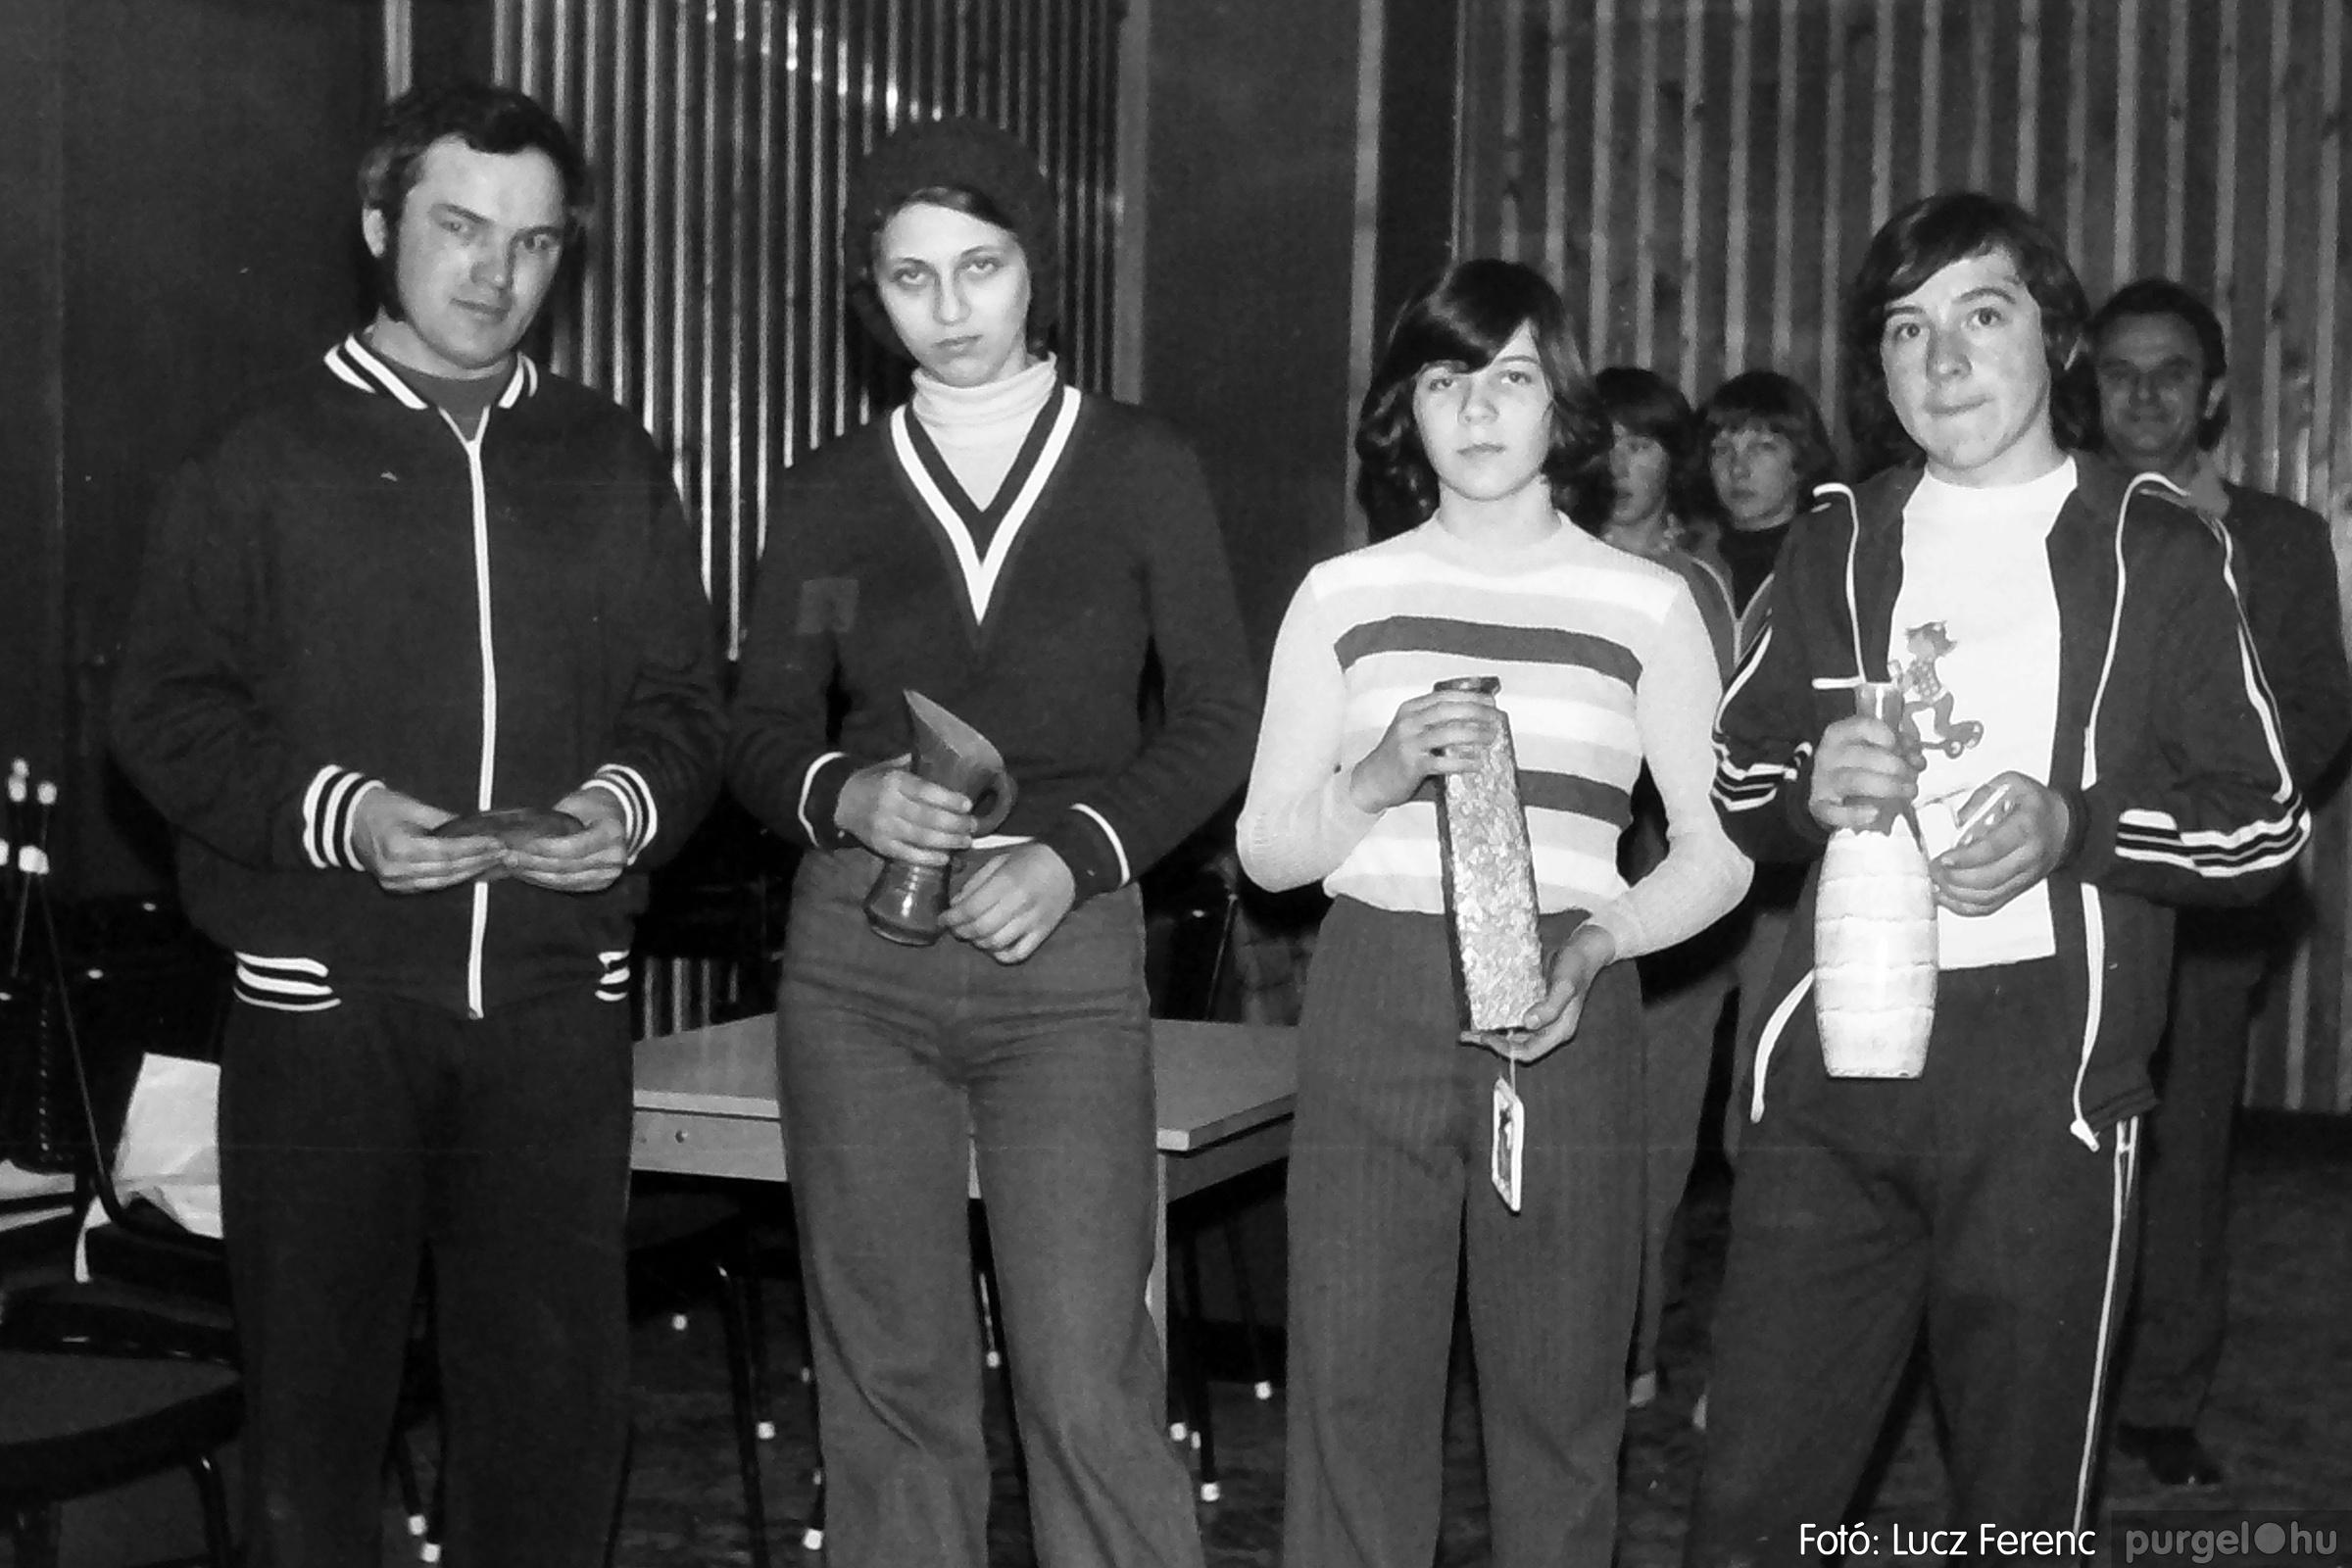 073. 1977. Asztaltenisz verseny 024. - Fotó: Lucz Ferenc.jpg